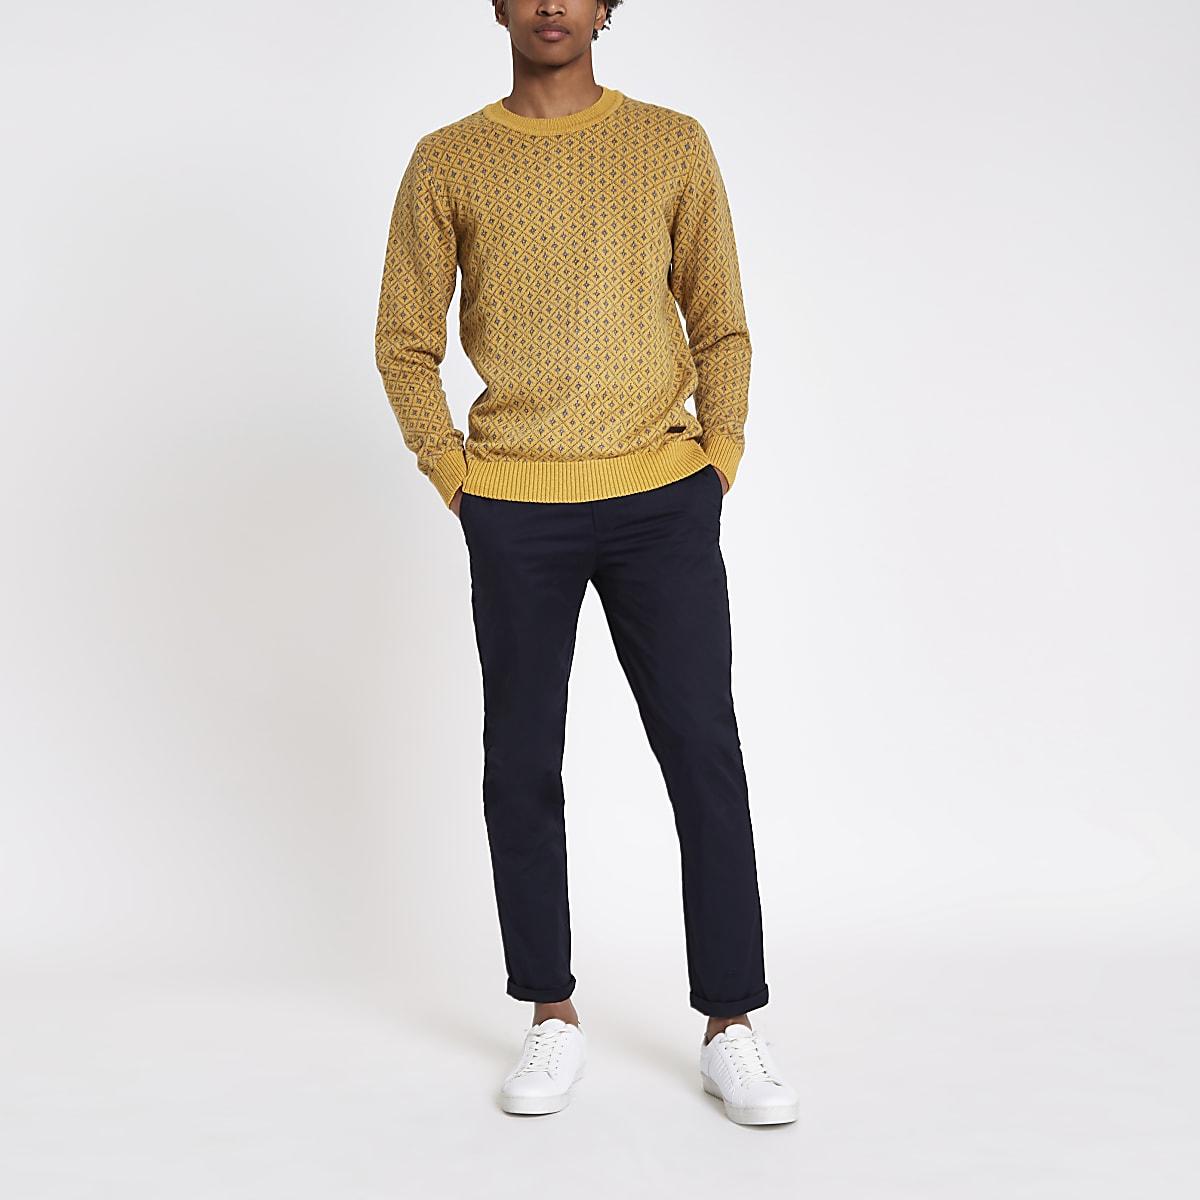 Pepe Jeans – Pull imprimé jaune